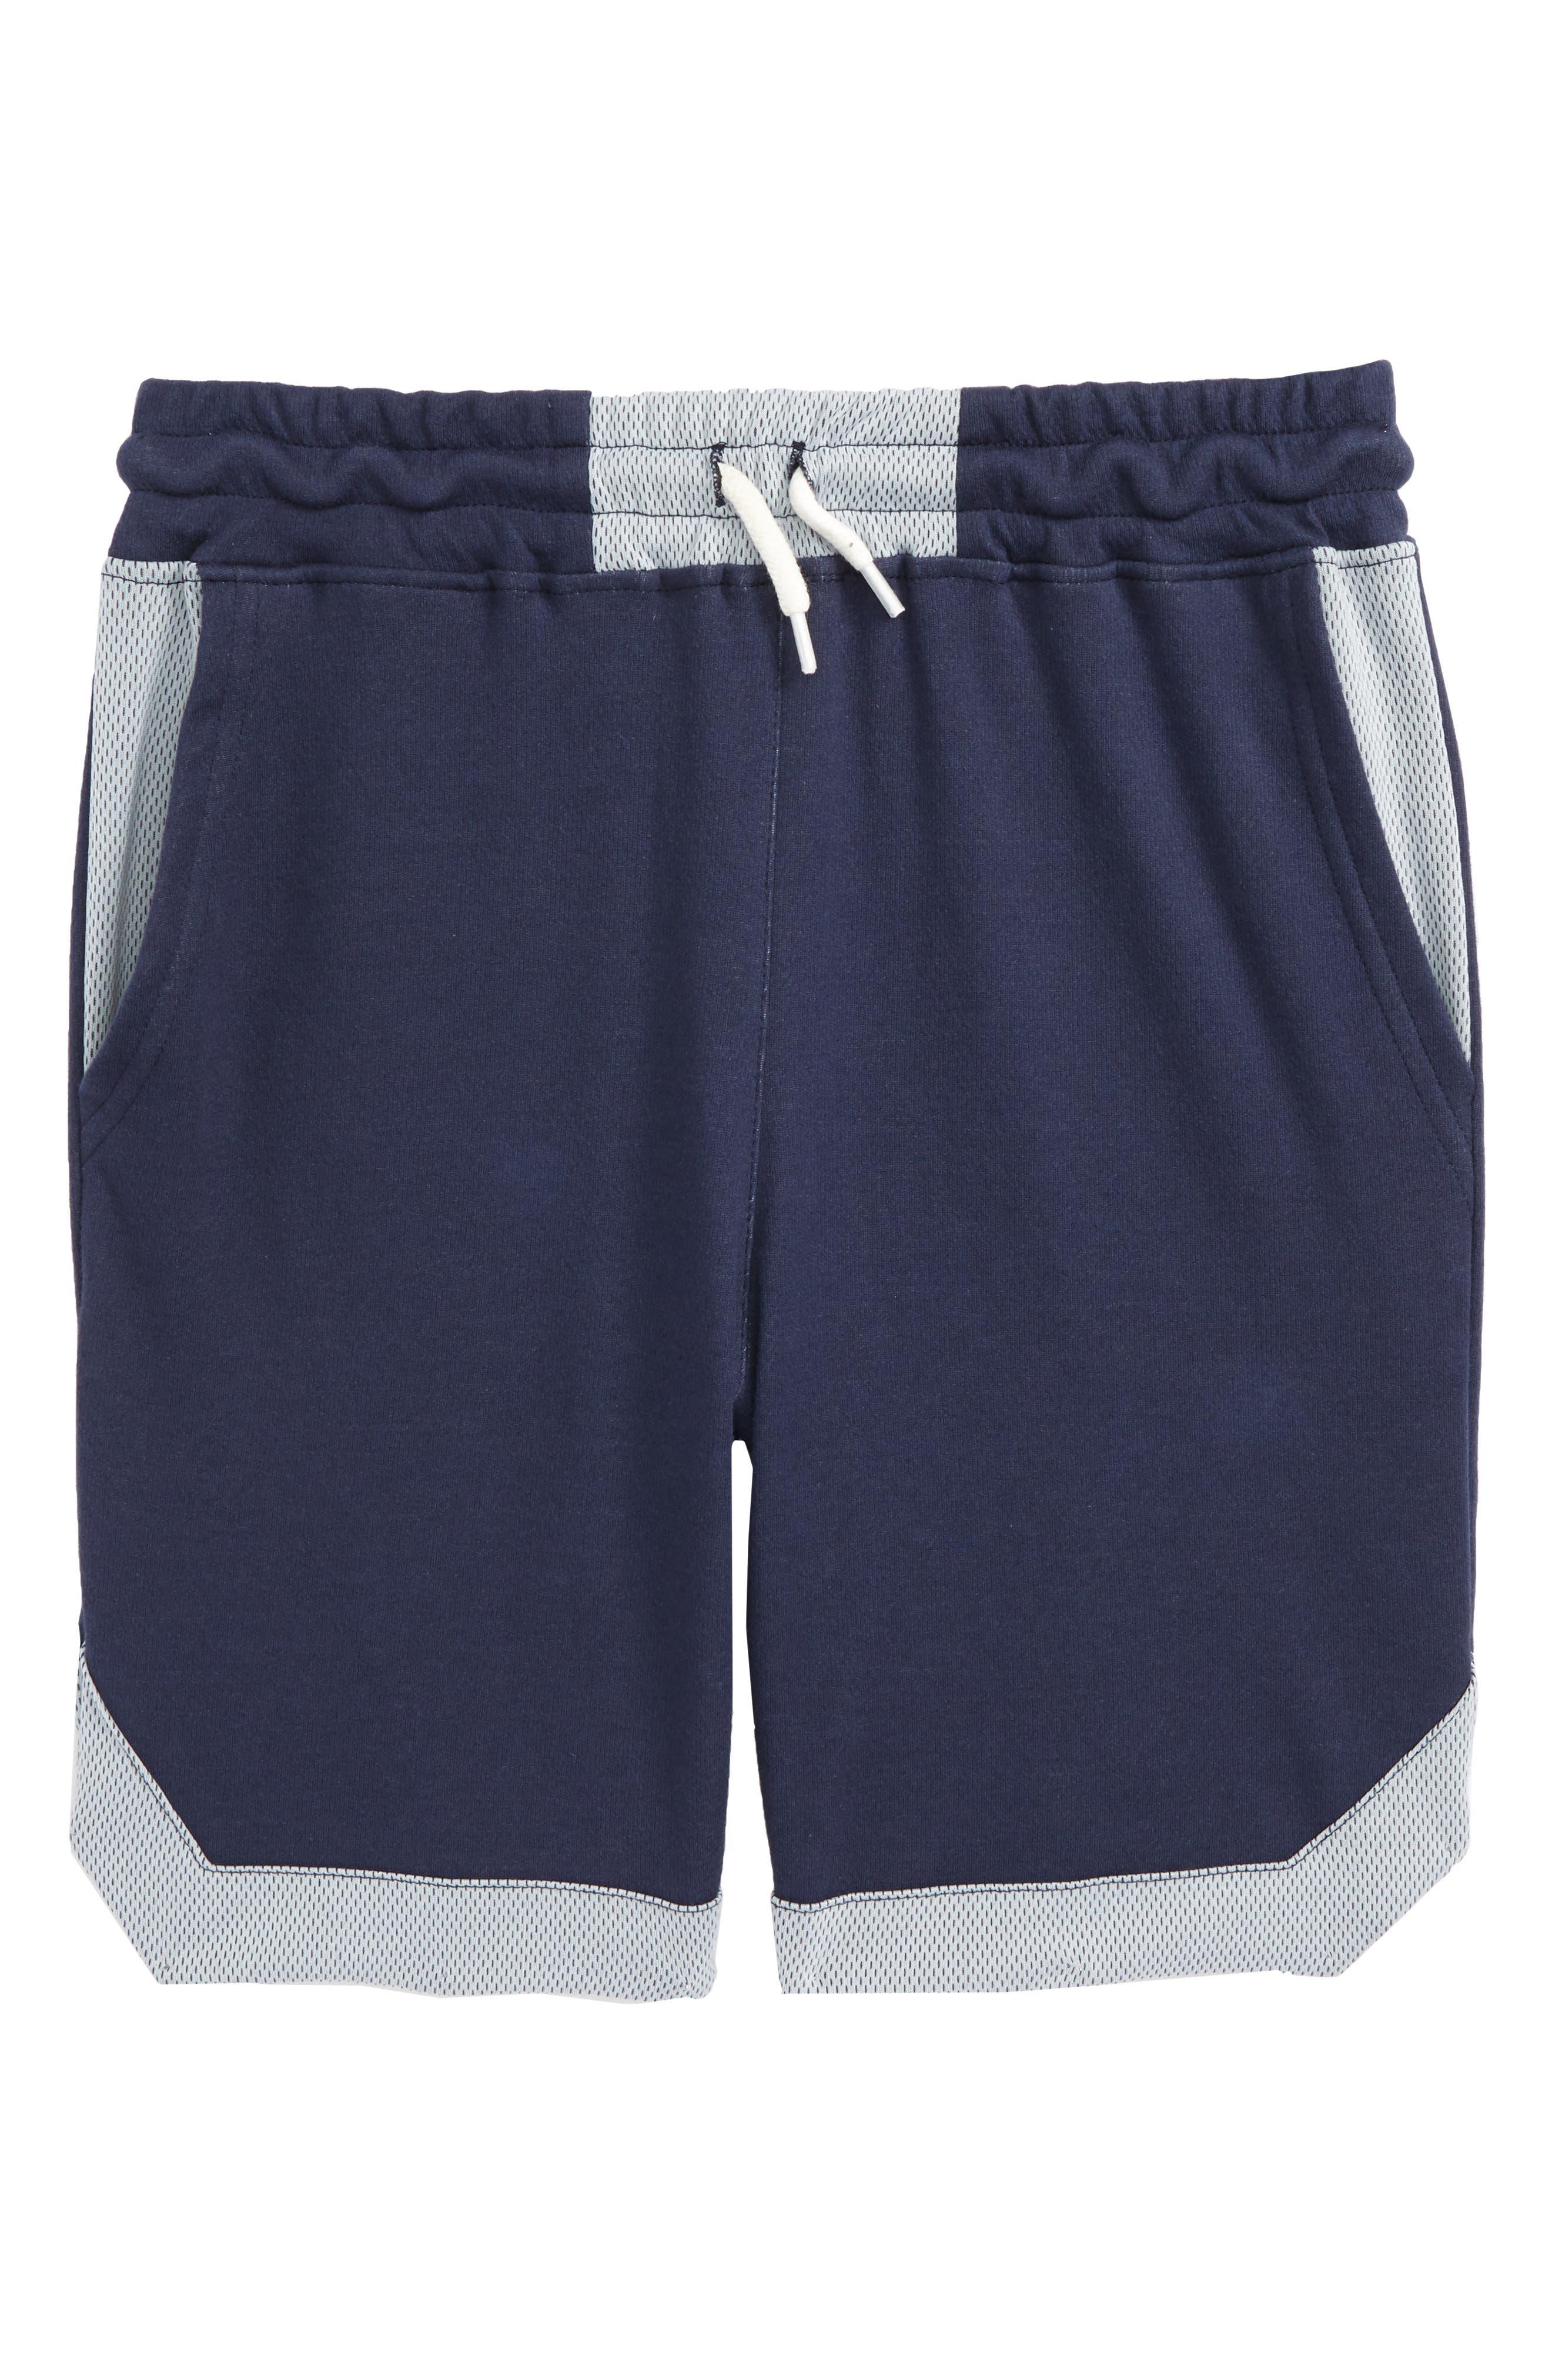 Paneled Shorts,                         Main,                         color, 420